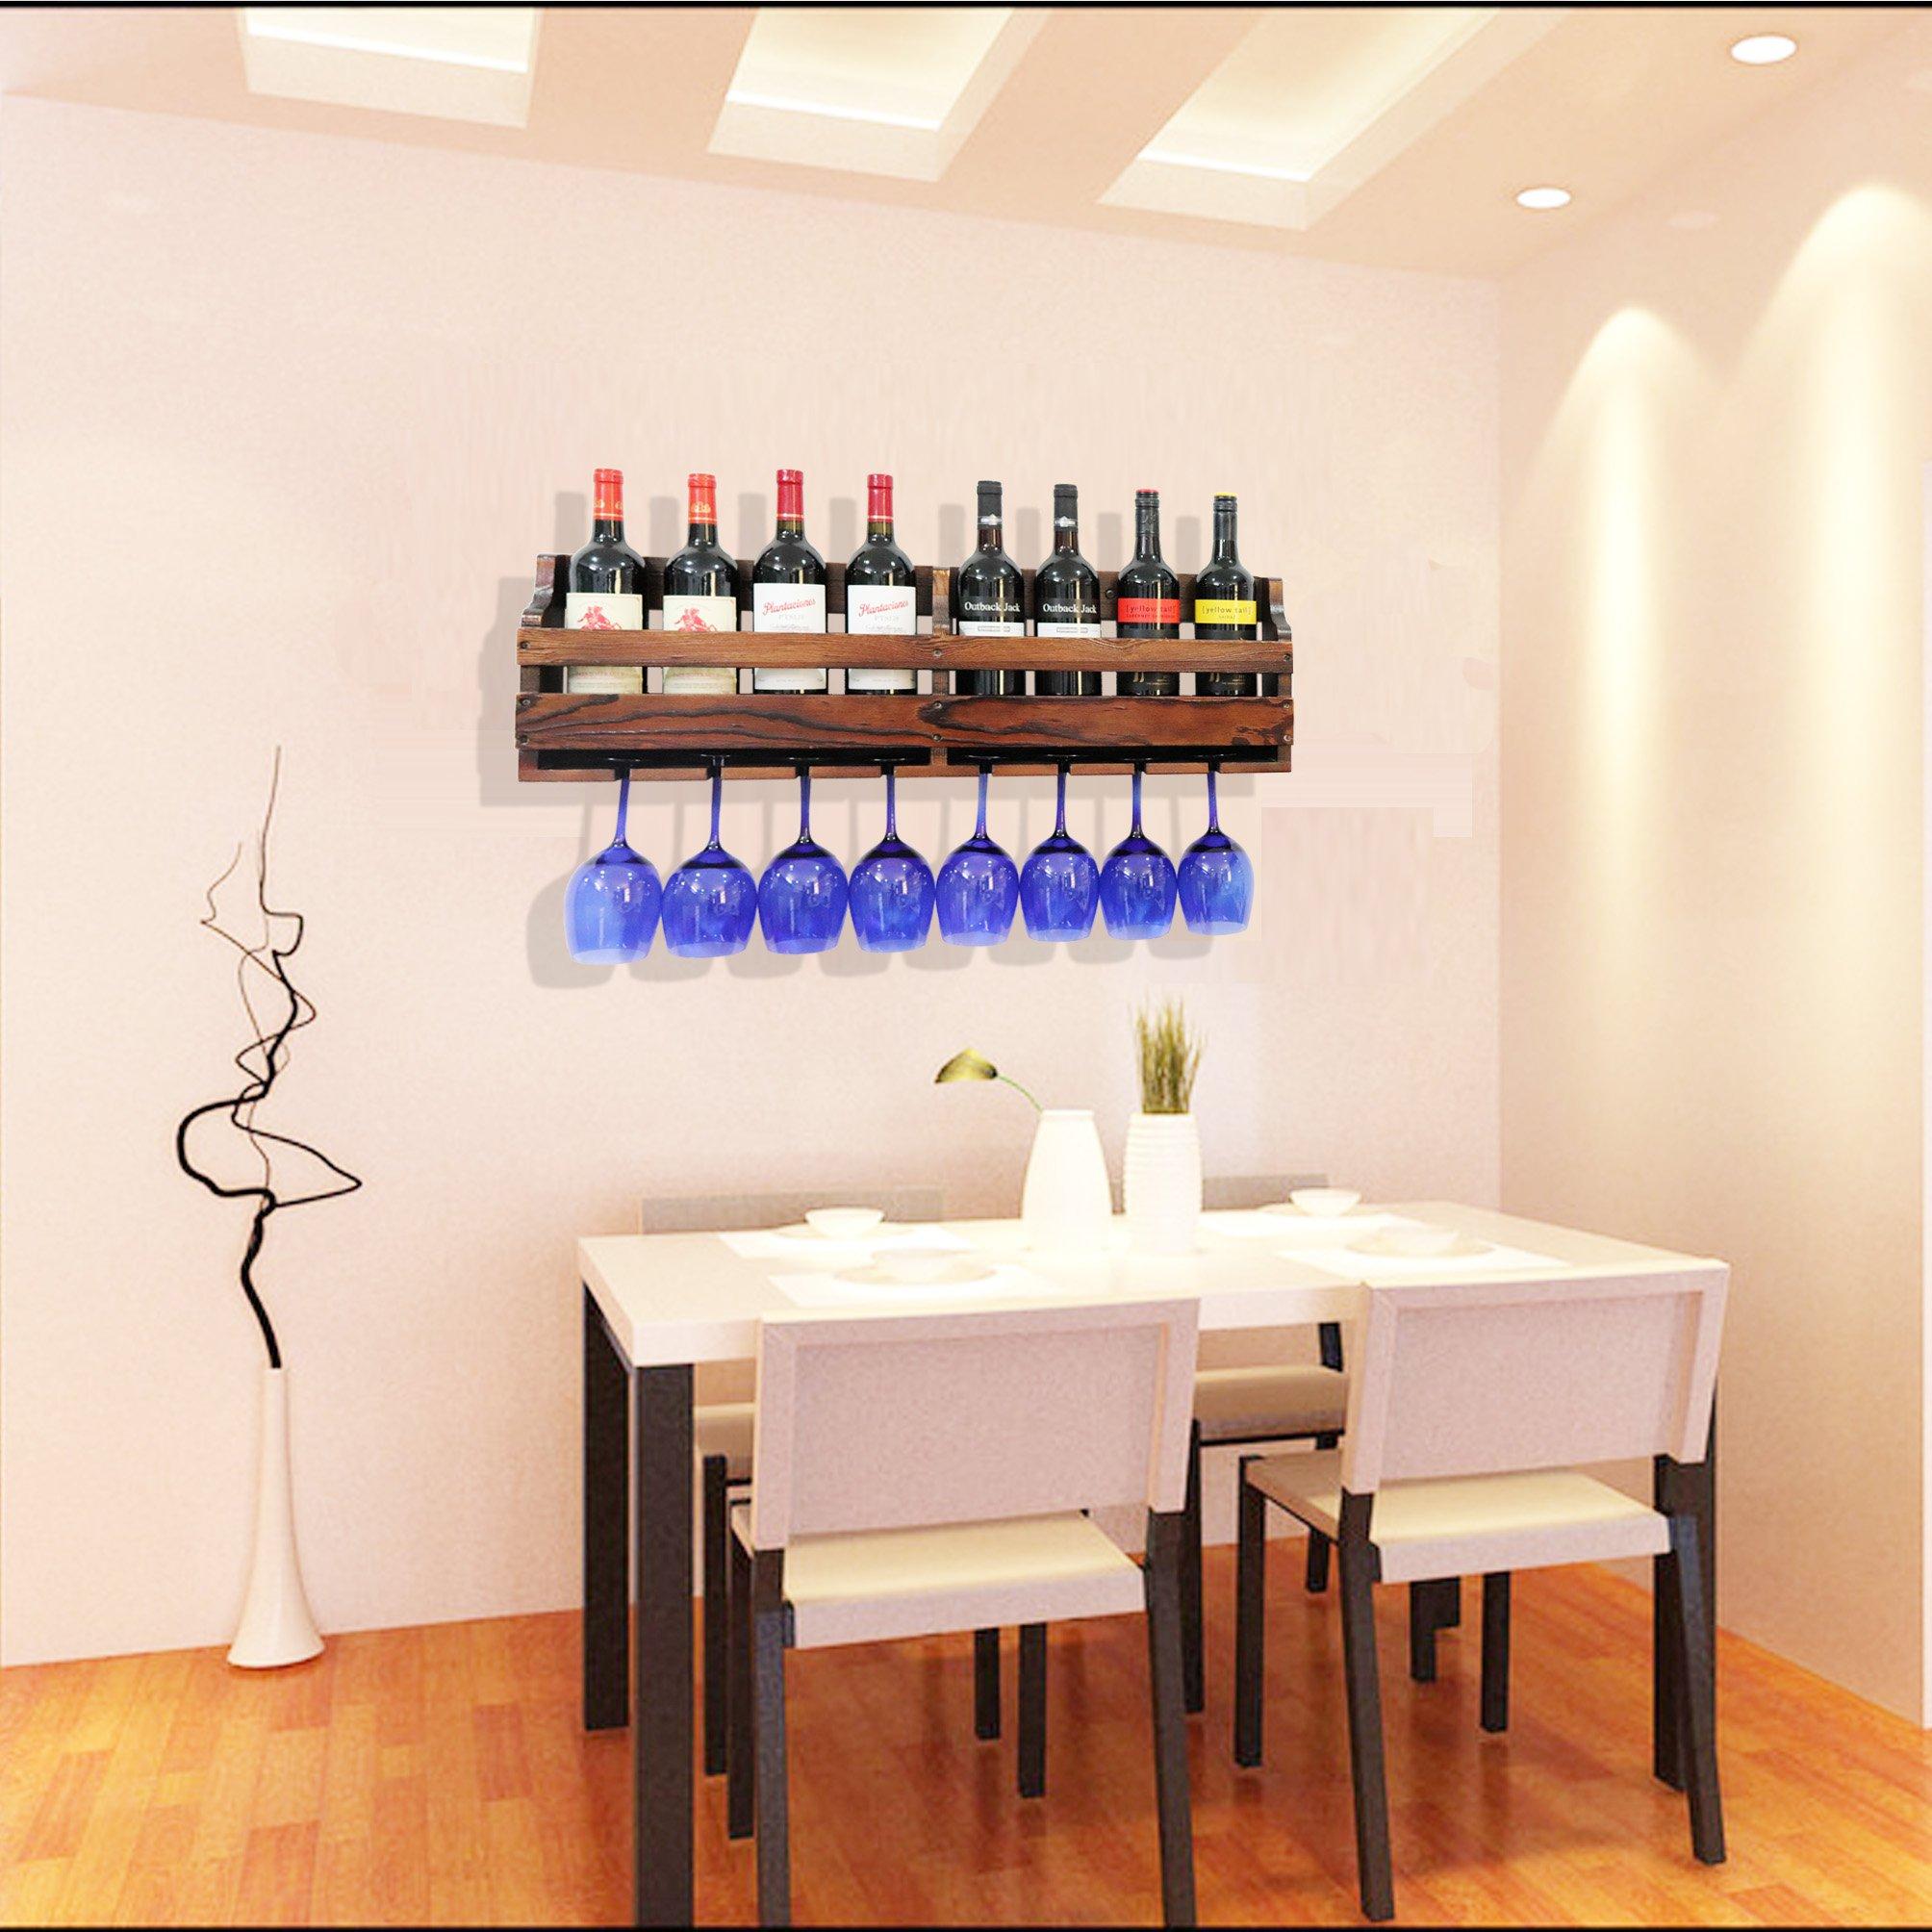 Tuorui Wine Rack Wall Mountedwine Glass Wine Bottle Display Rack